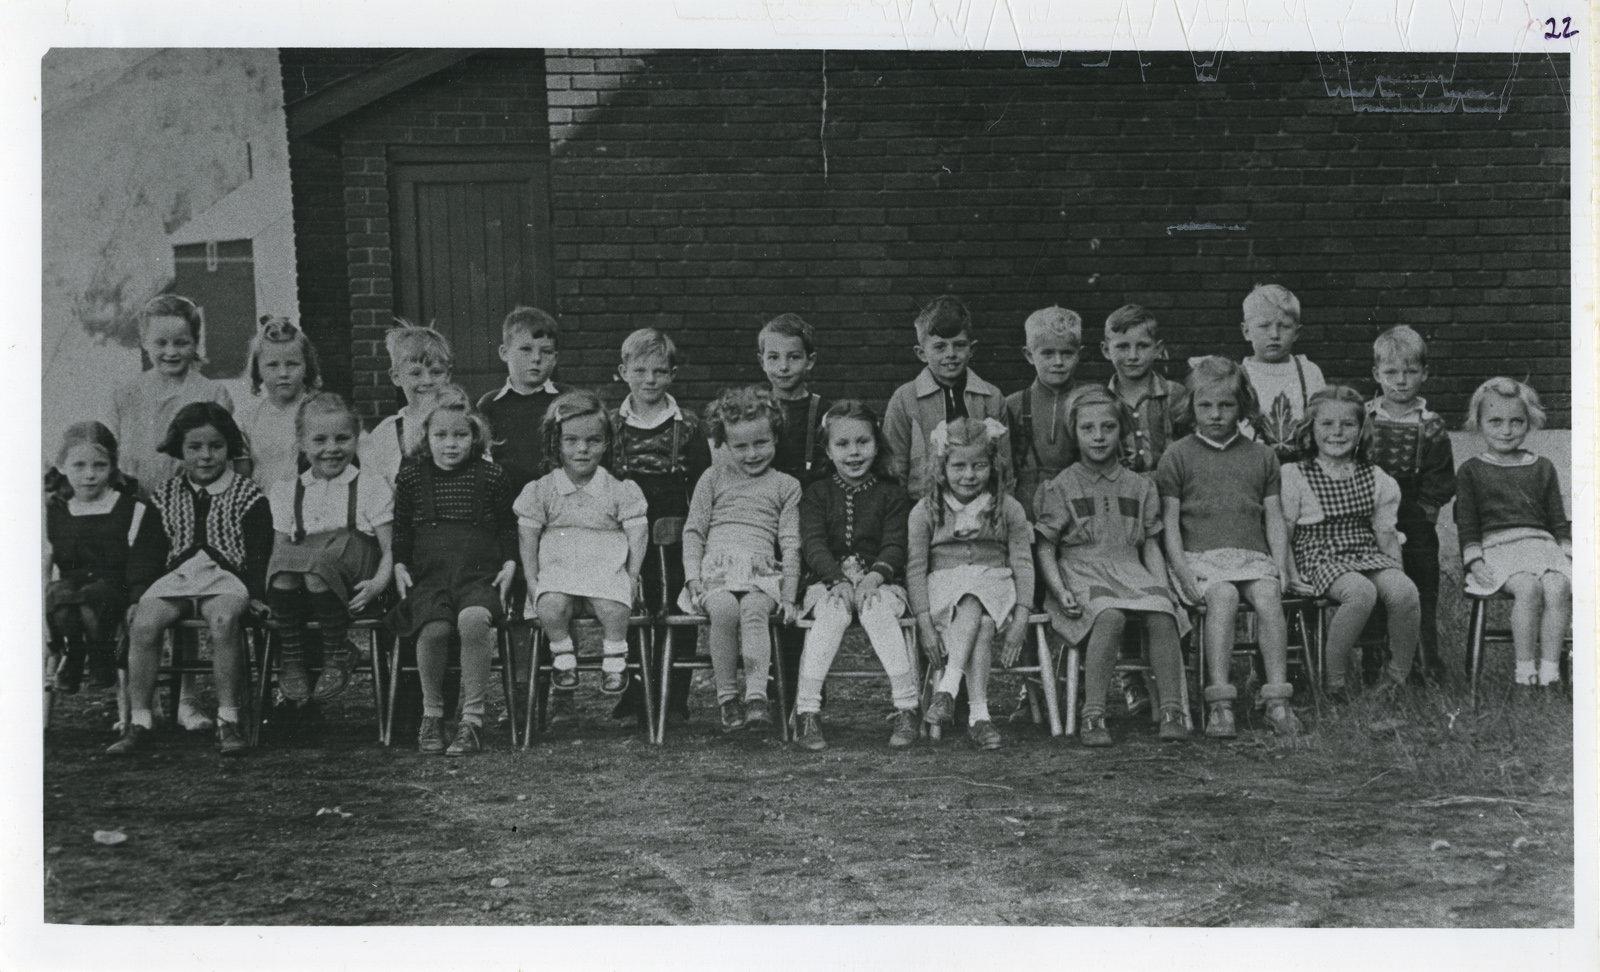 Schreiber Public School Class 1947-1948